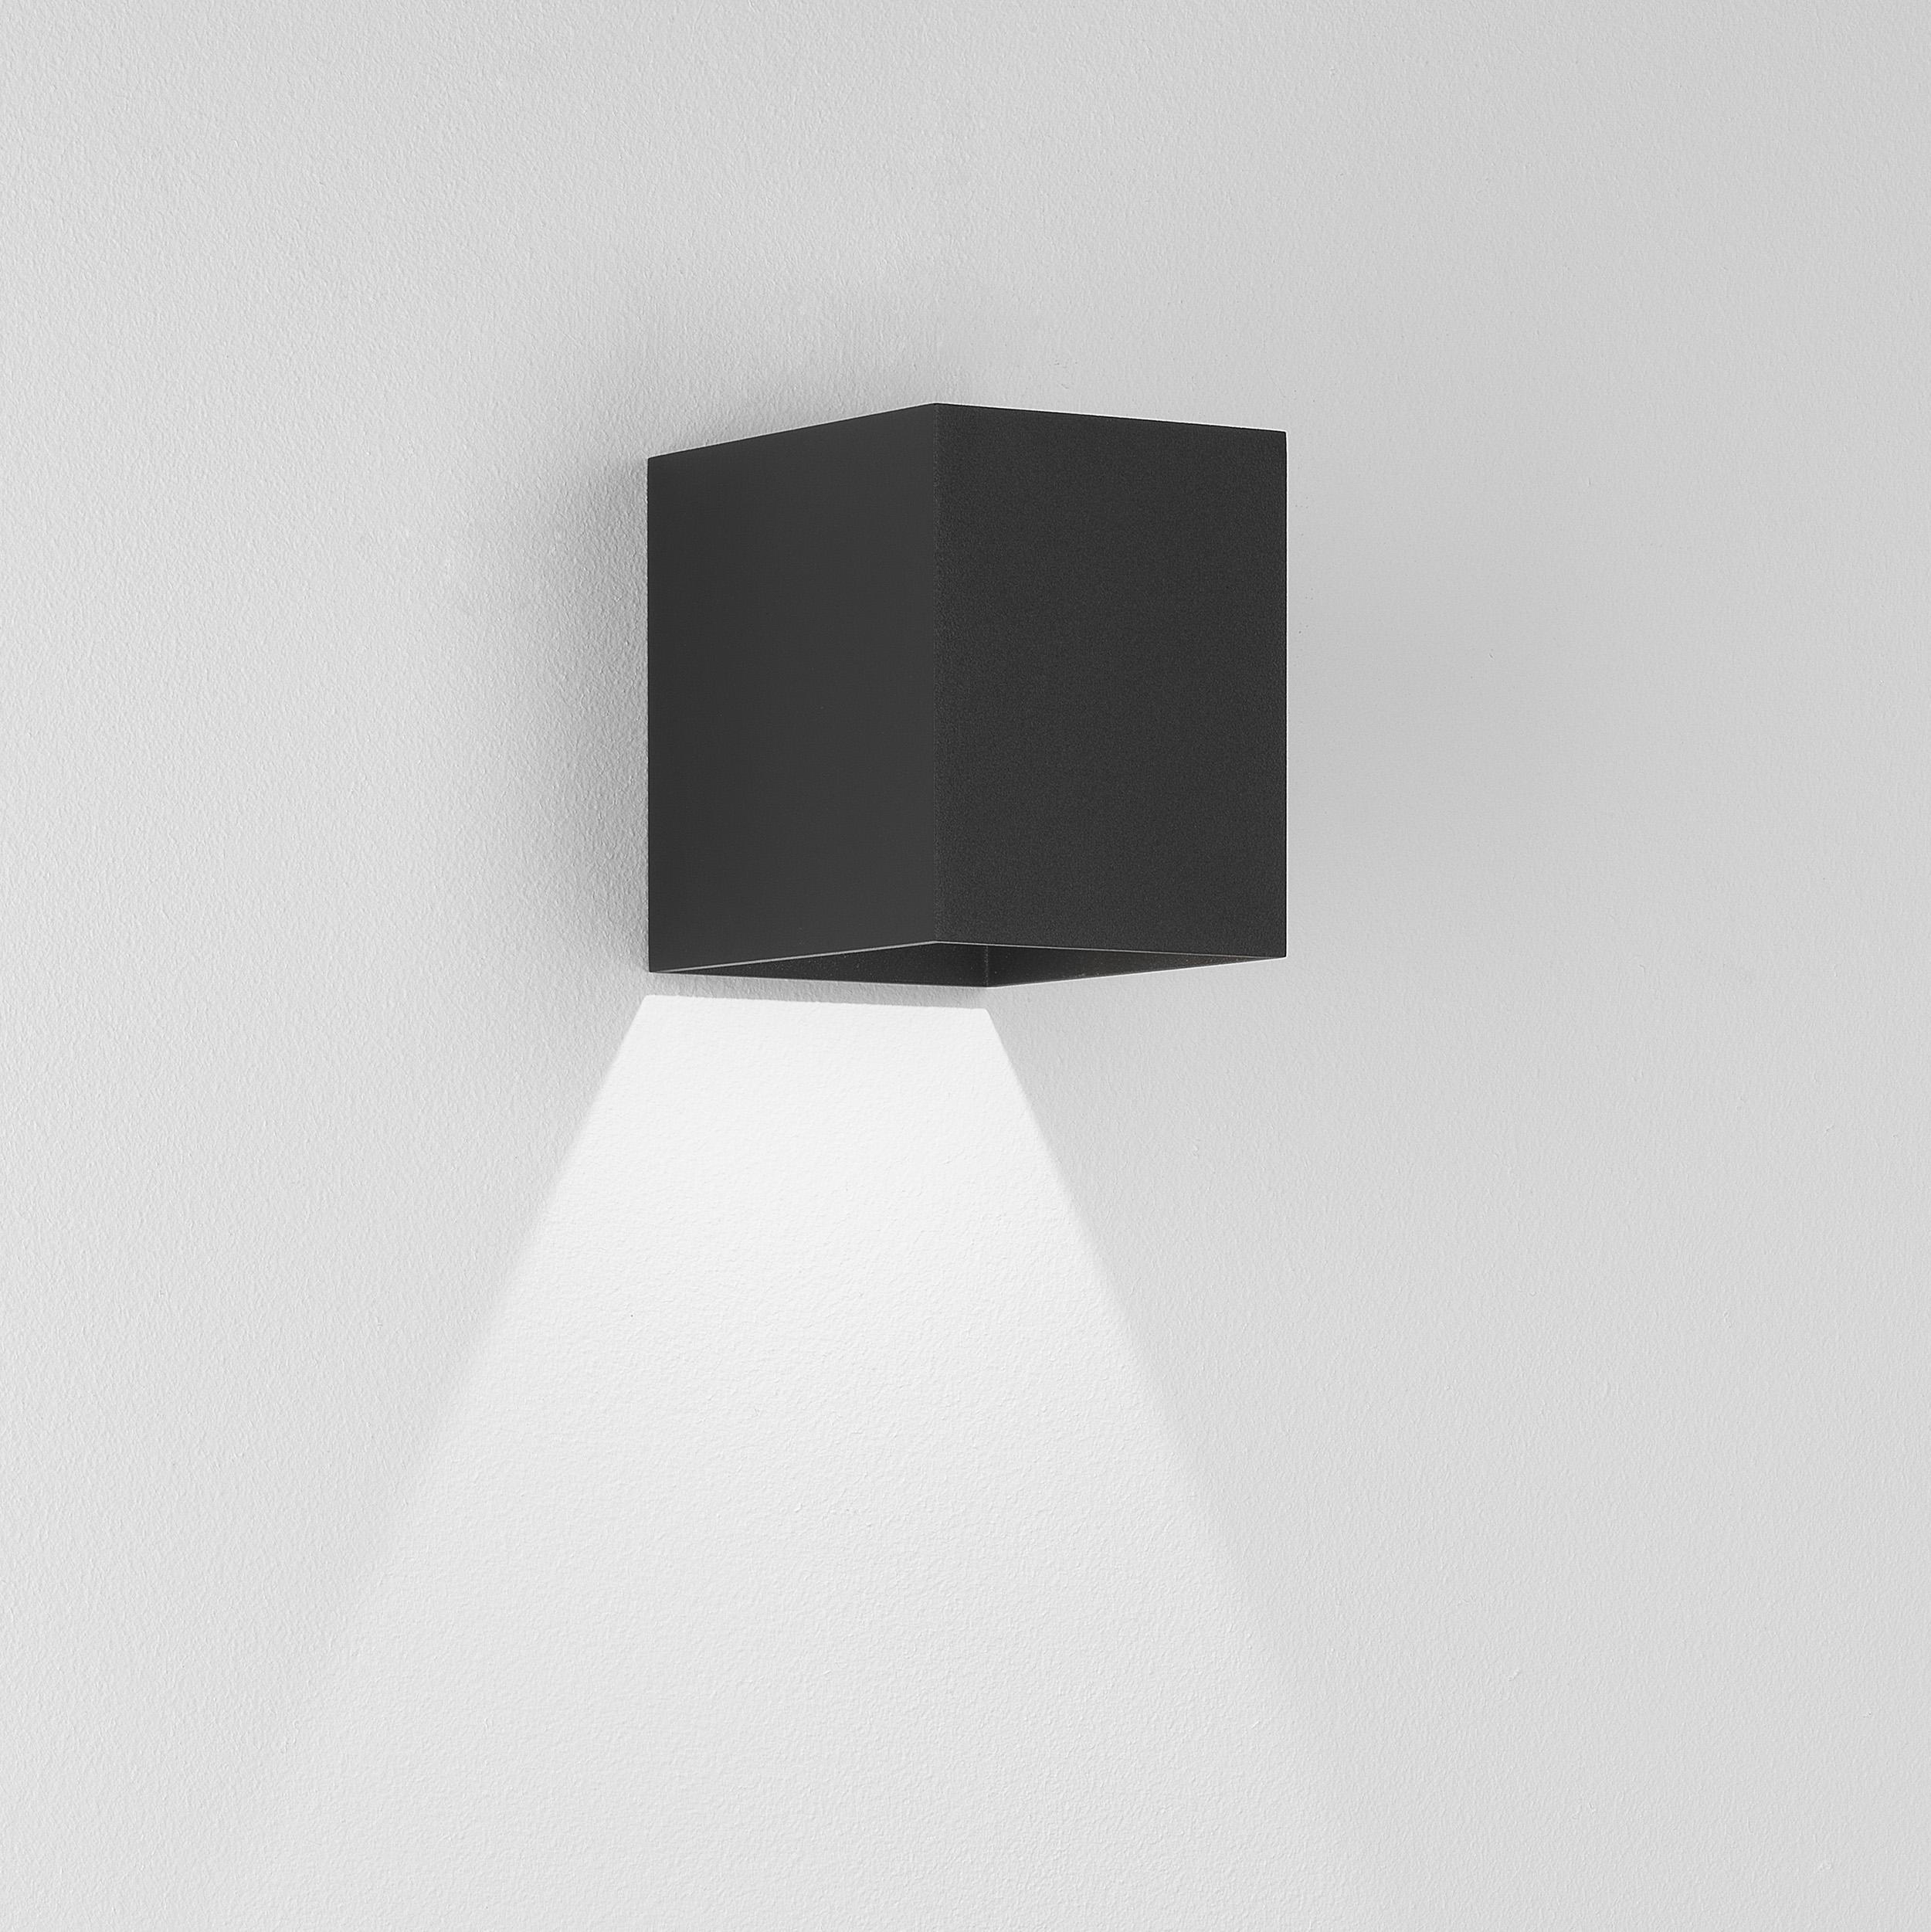 Kinzo 110 LED WL 2700K AC dim